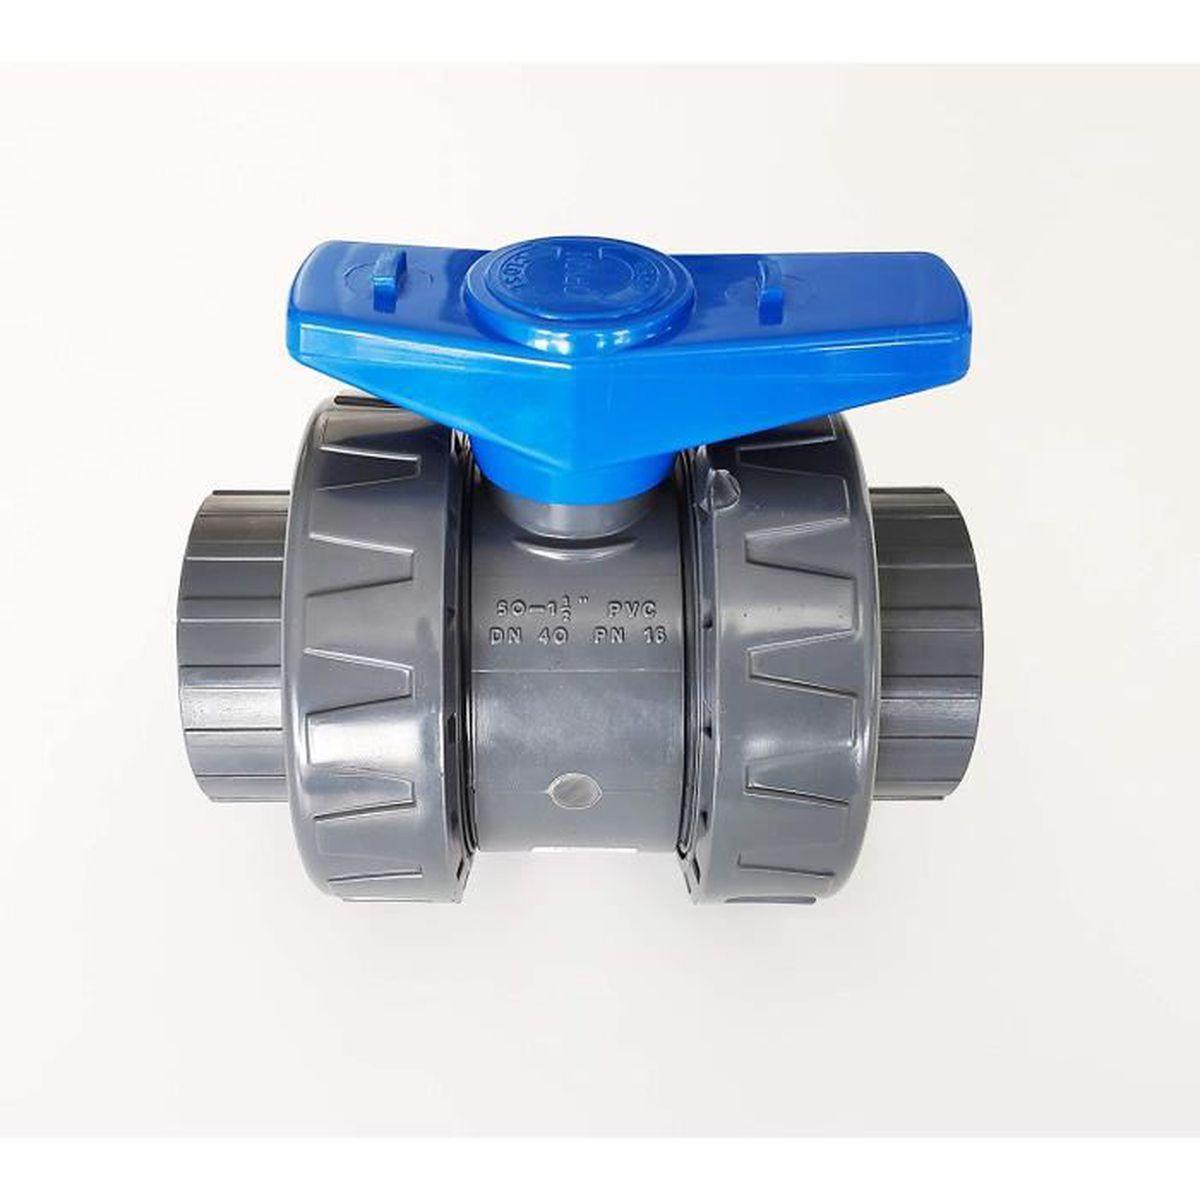 50 mm PN16 PVC PRESSION Piscine Vanne Mod/èle 2020 Interplast 50mm /à coller double union d/émontable 5cm